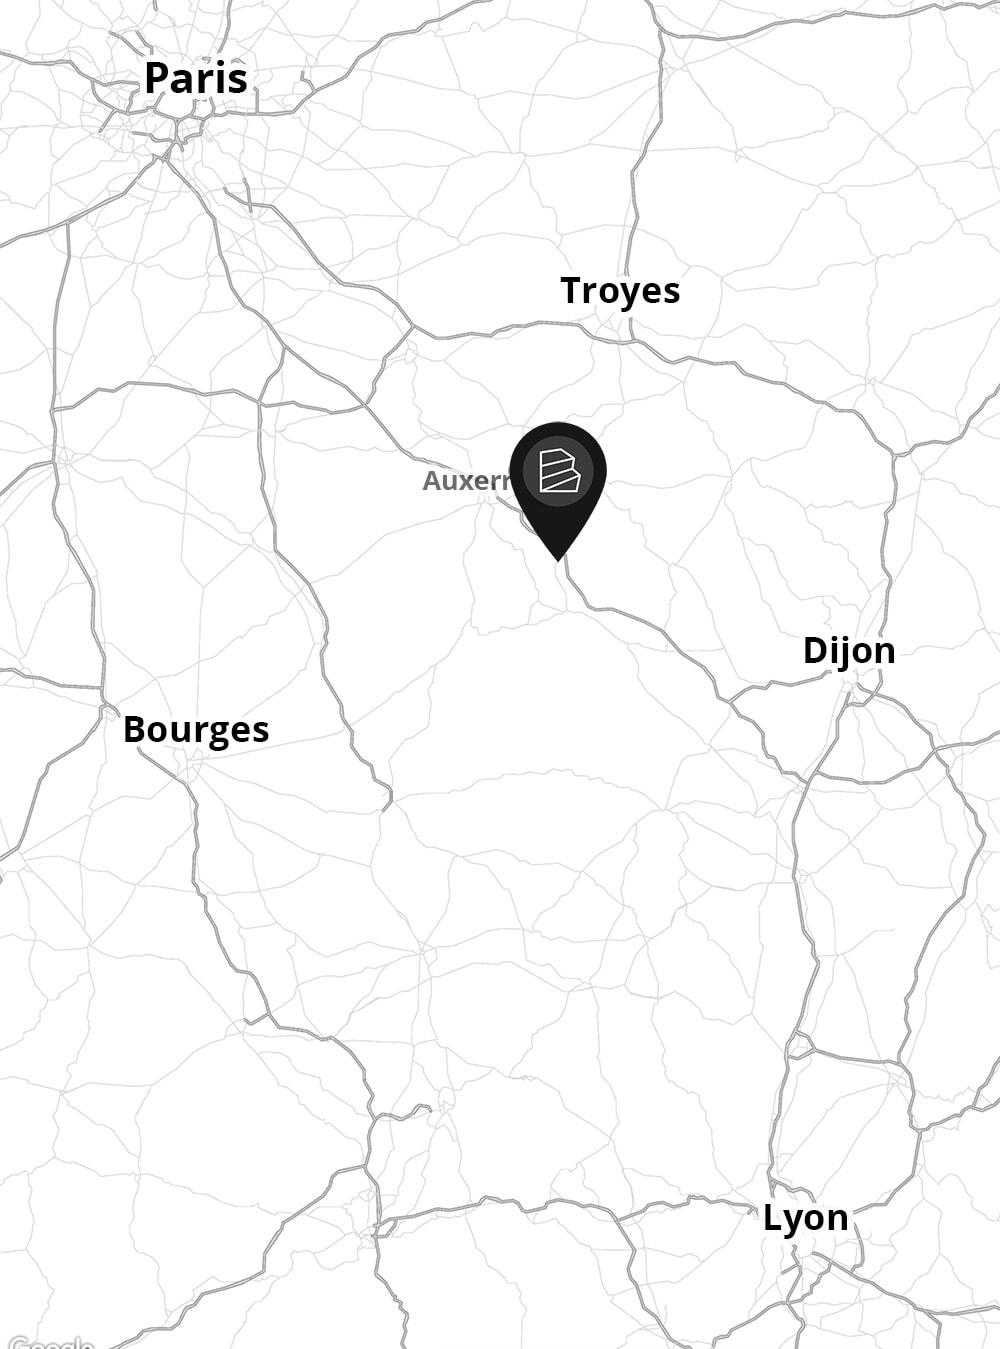 Contact Maître d'œuvre Yonne